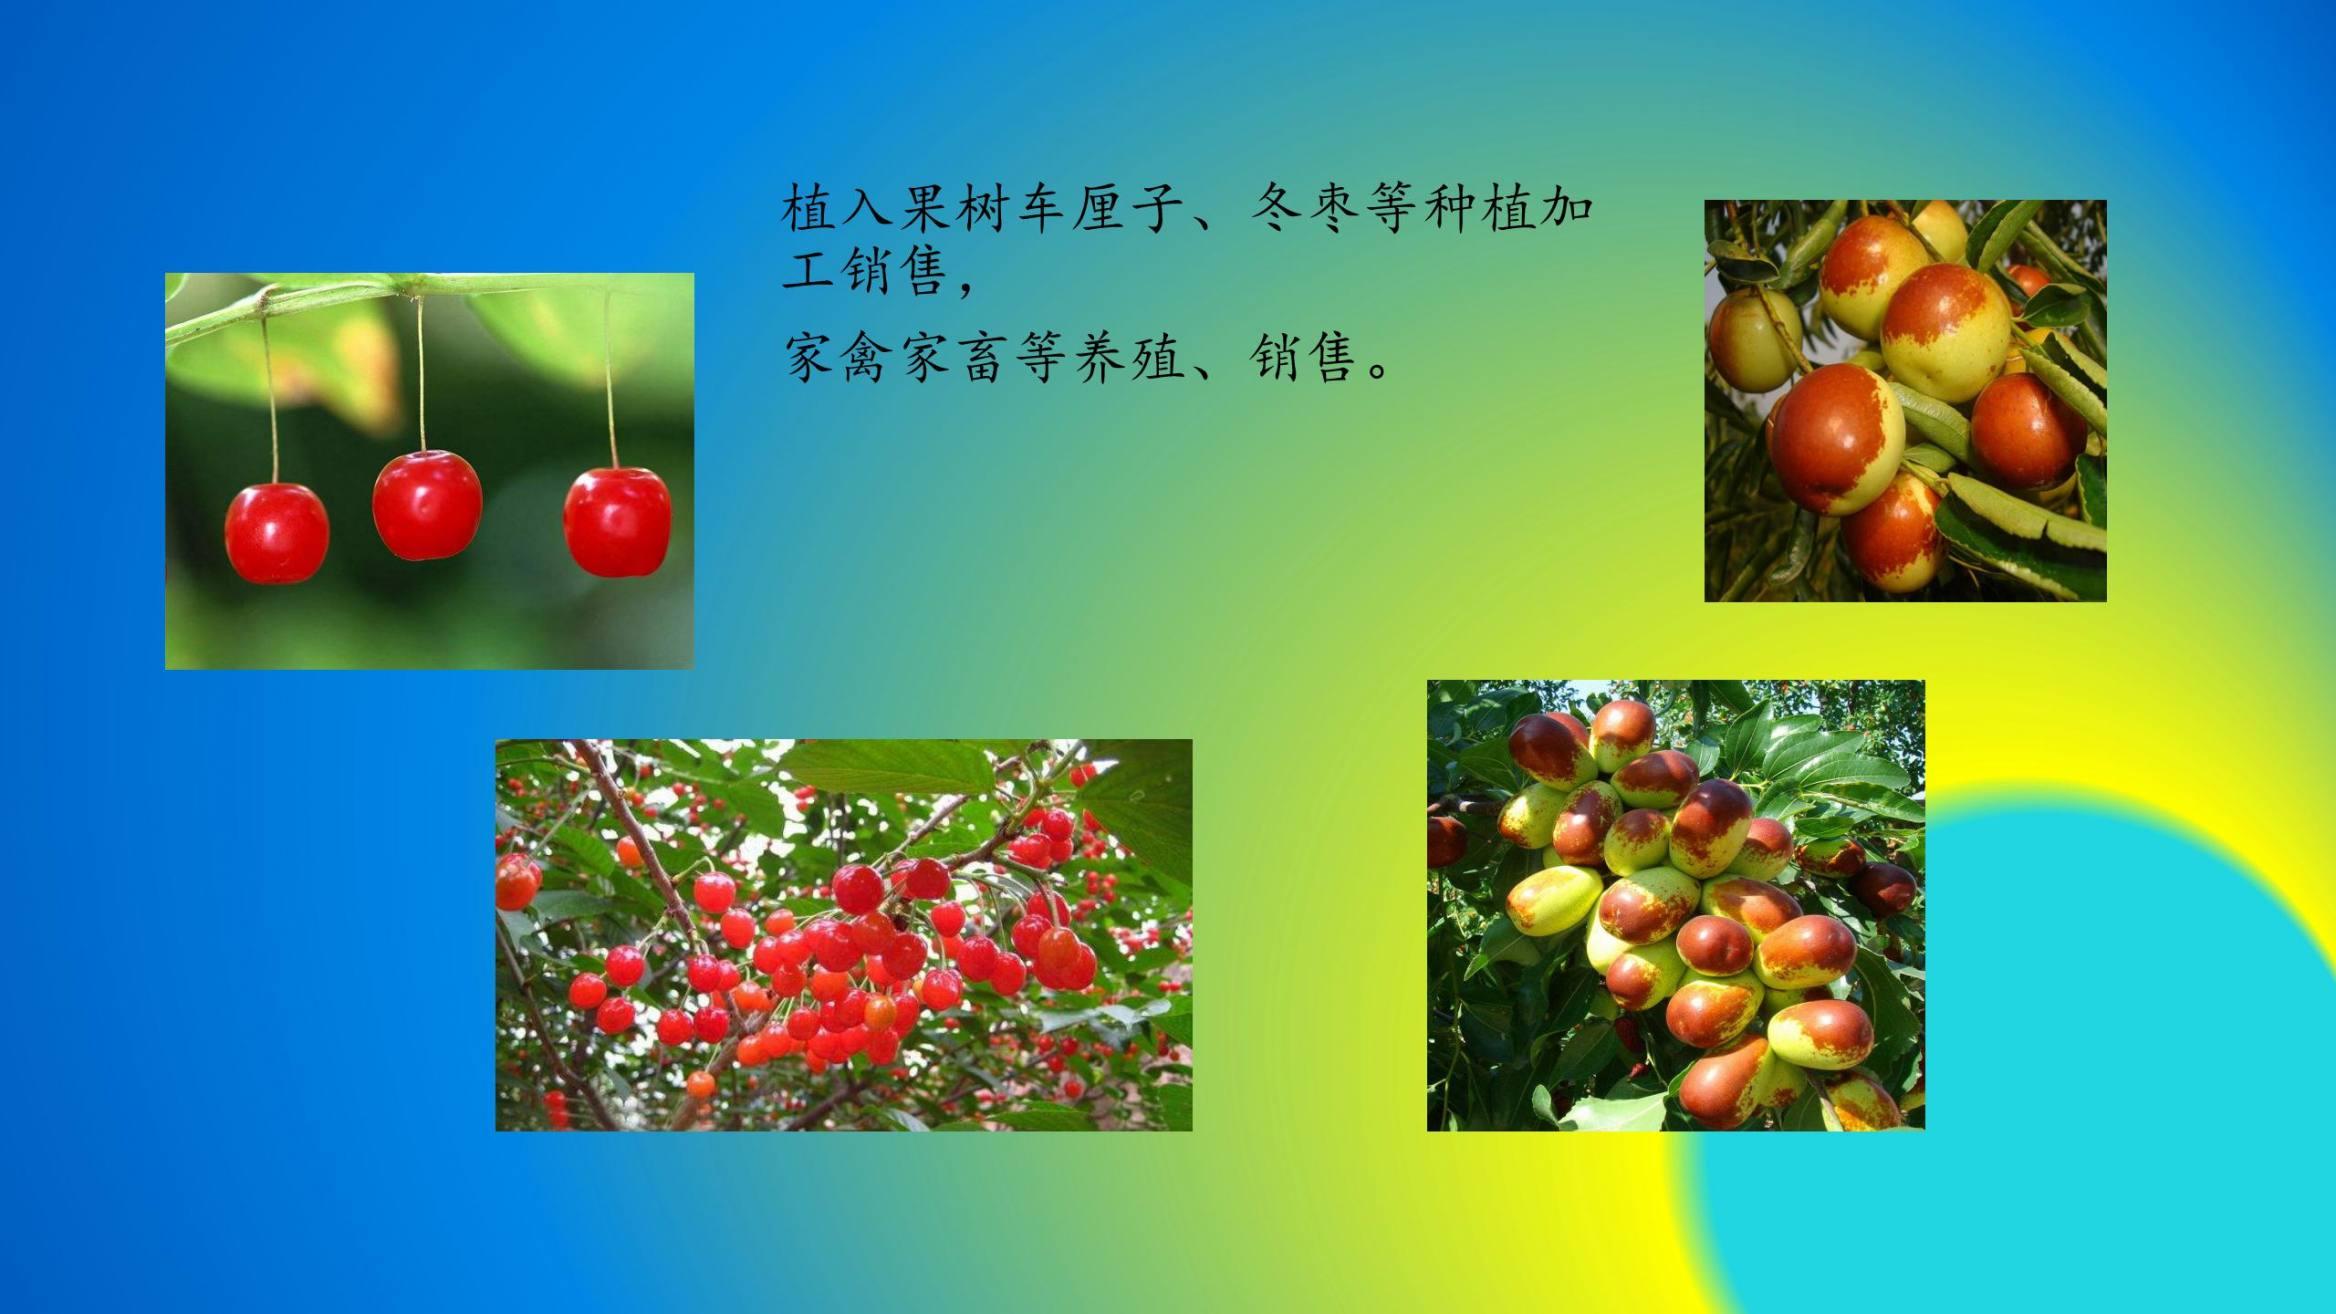 沈家船田园水乡智慧生态园 (32)